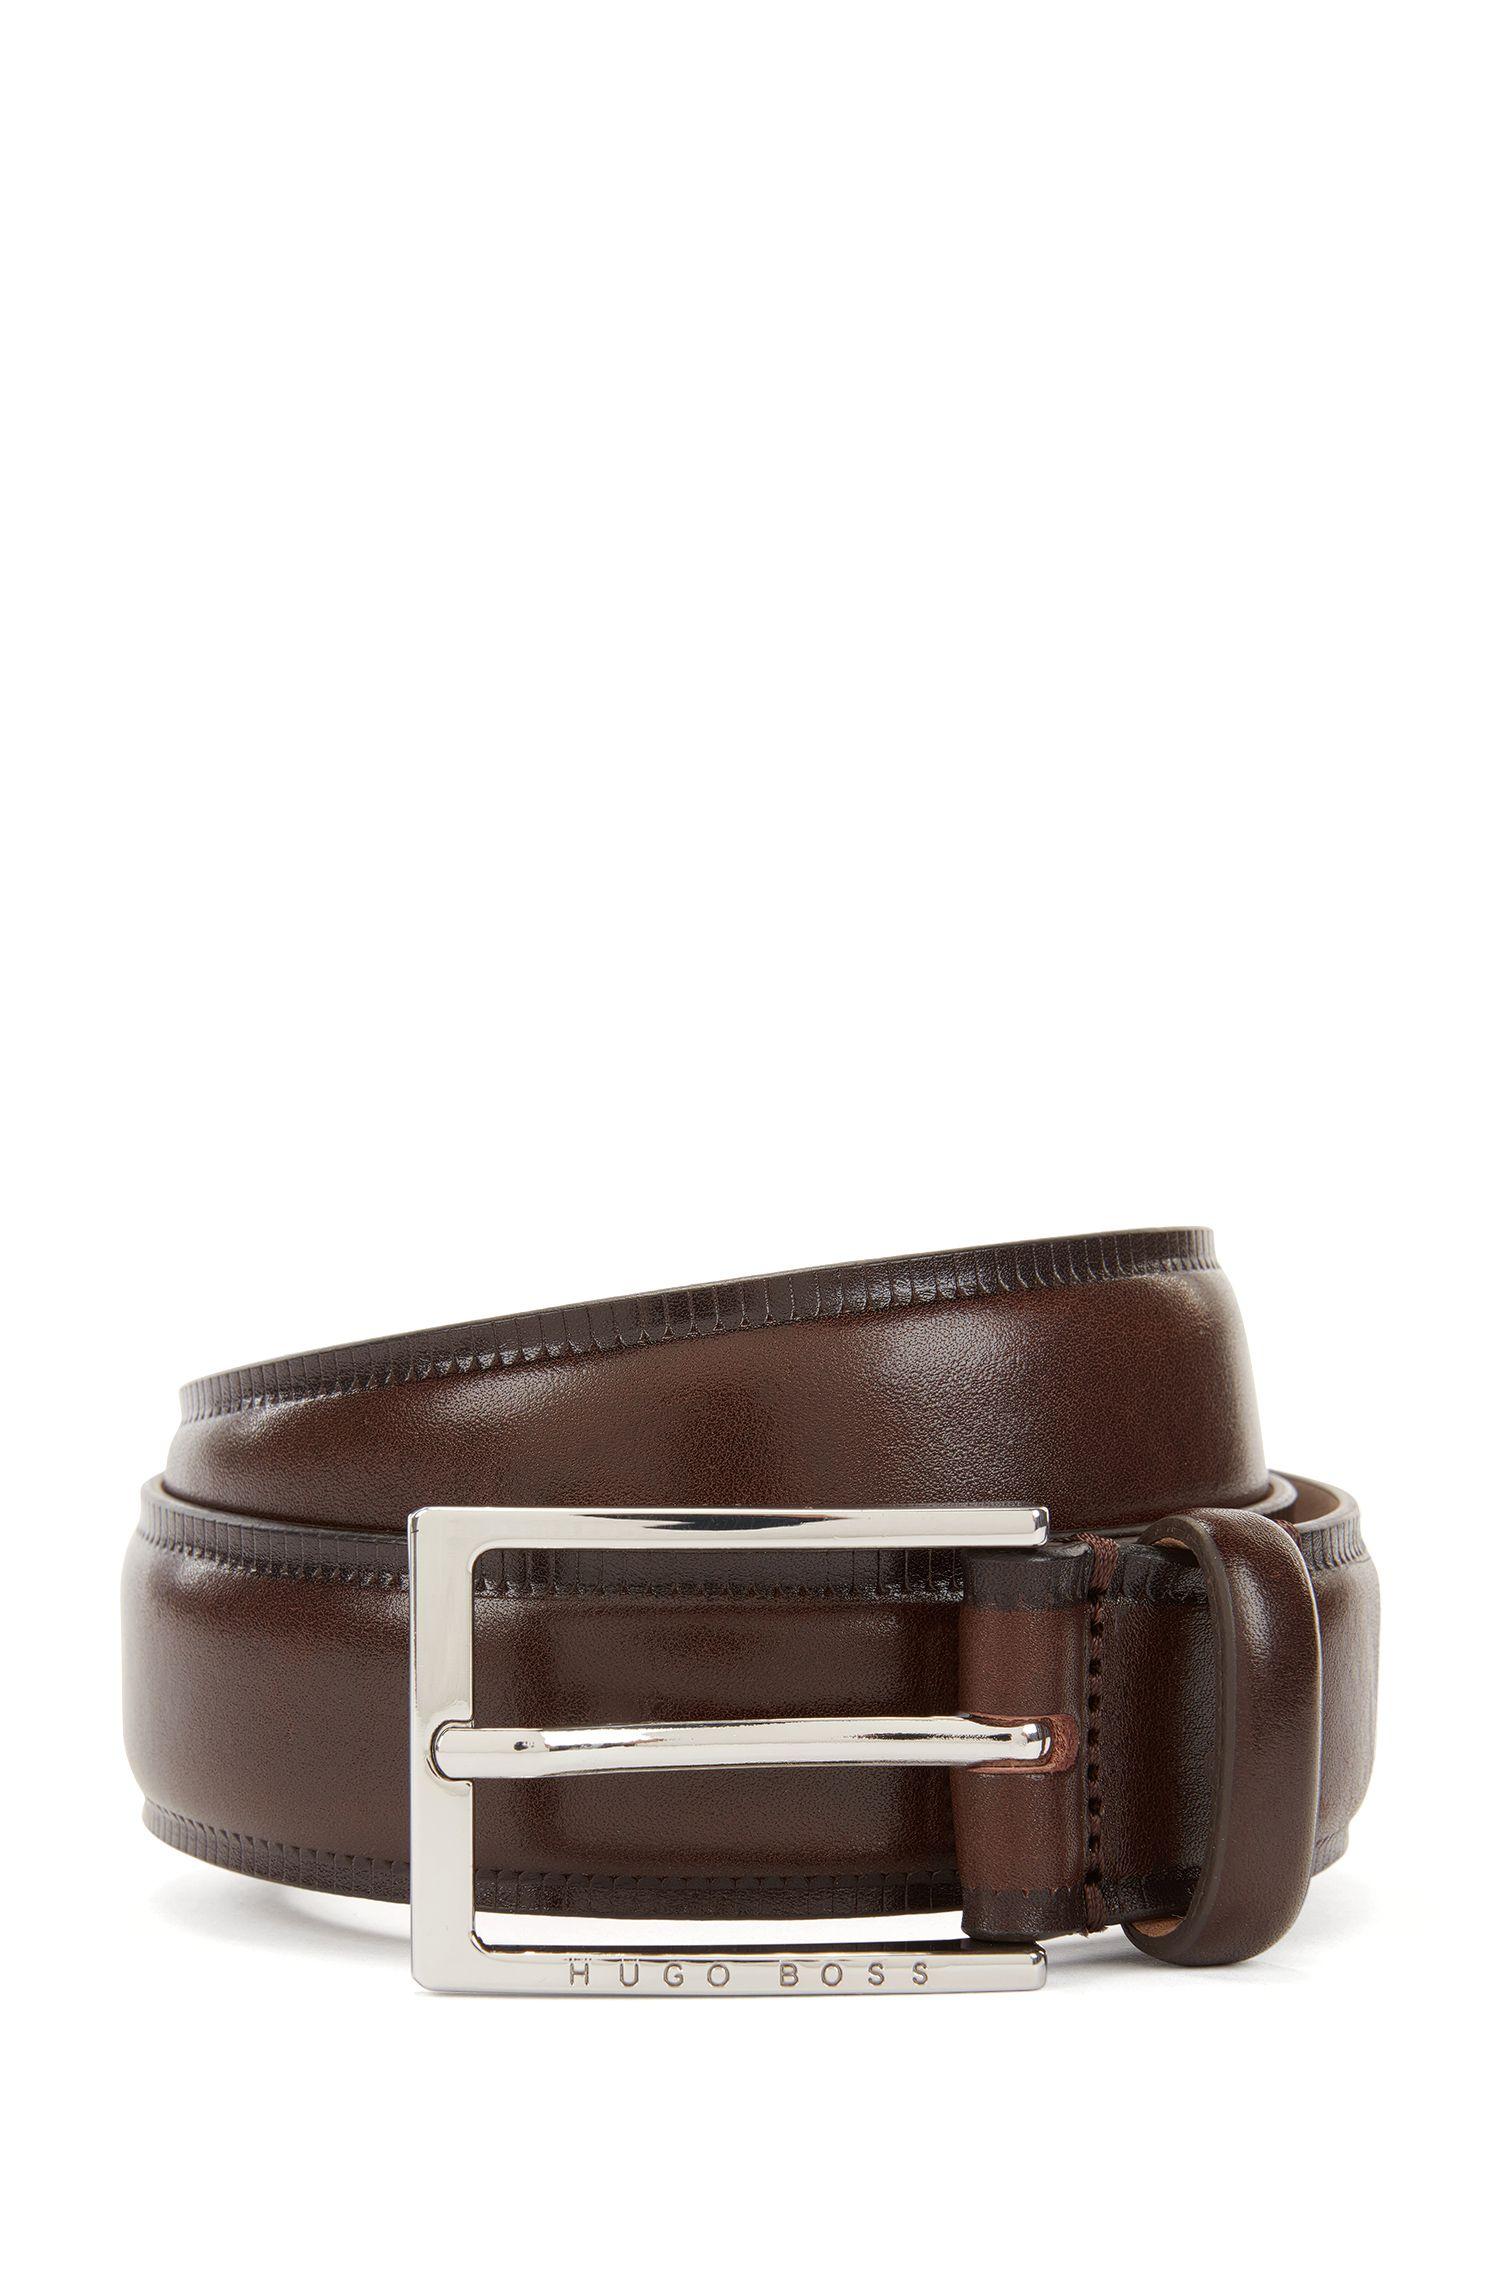 Cinturón de piel de curtido vegetal con bordes contrastados